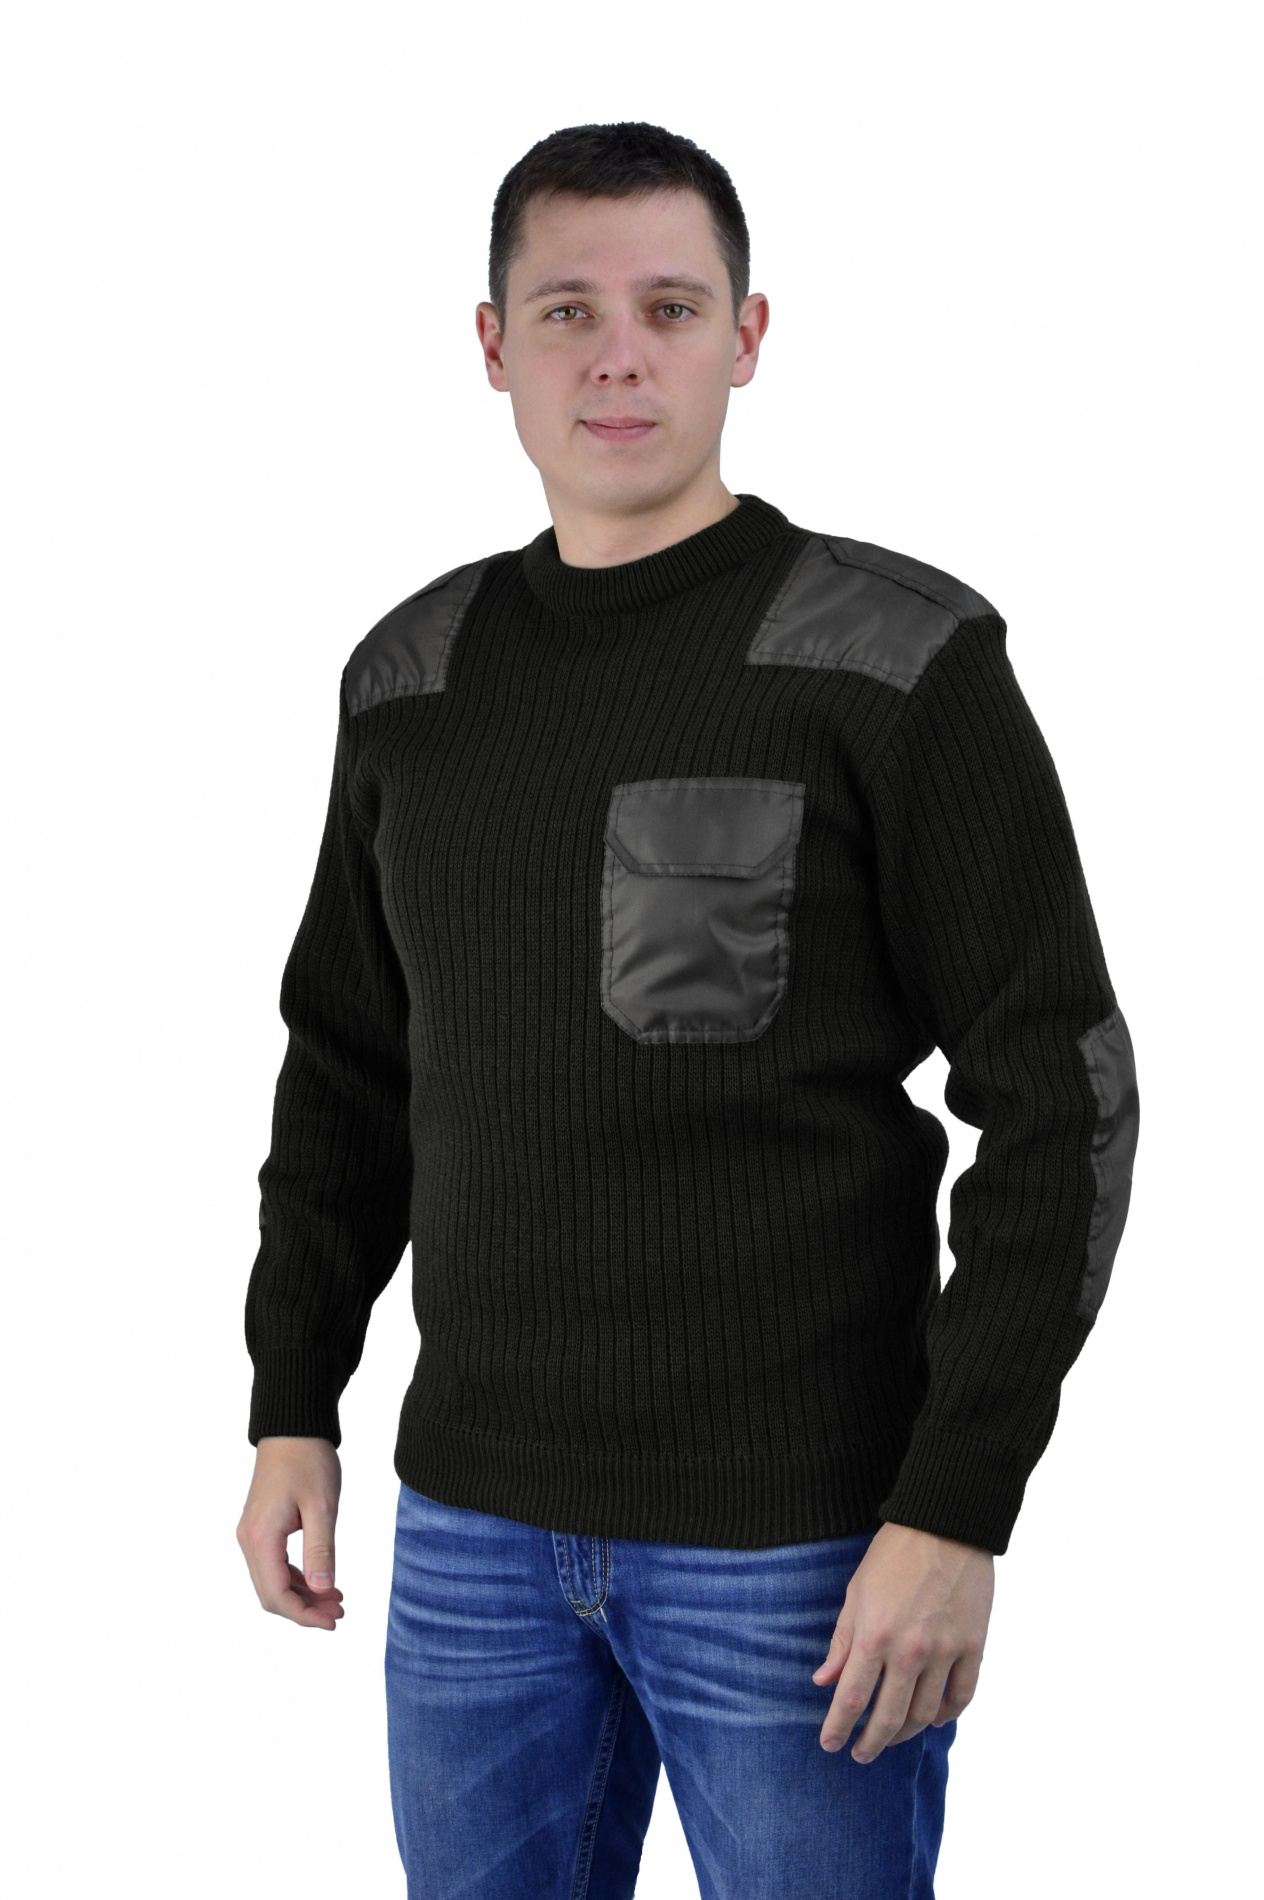 Свитер чёрный с накладками п/ш ворот (U) Свитера<br>Свитер чёрный с усиливающими накладками <br>из прочной ткани в зонах истирания. Состав: <br>п/ш ( состав 70% акрил, 30% шерсть) оптимальное <br>соотношение для поддержания тепла и износостойкости. <br>U-образный ворот удобен для всех видов ношения.<br><br>Пол: мужской<br>Размер: 60<br>Сезон: все сезоны<br>Цвет: черный<br>Материал: шерсть